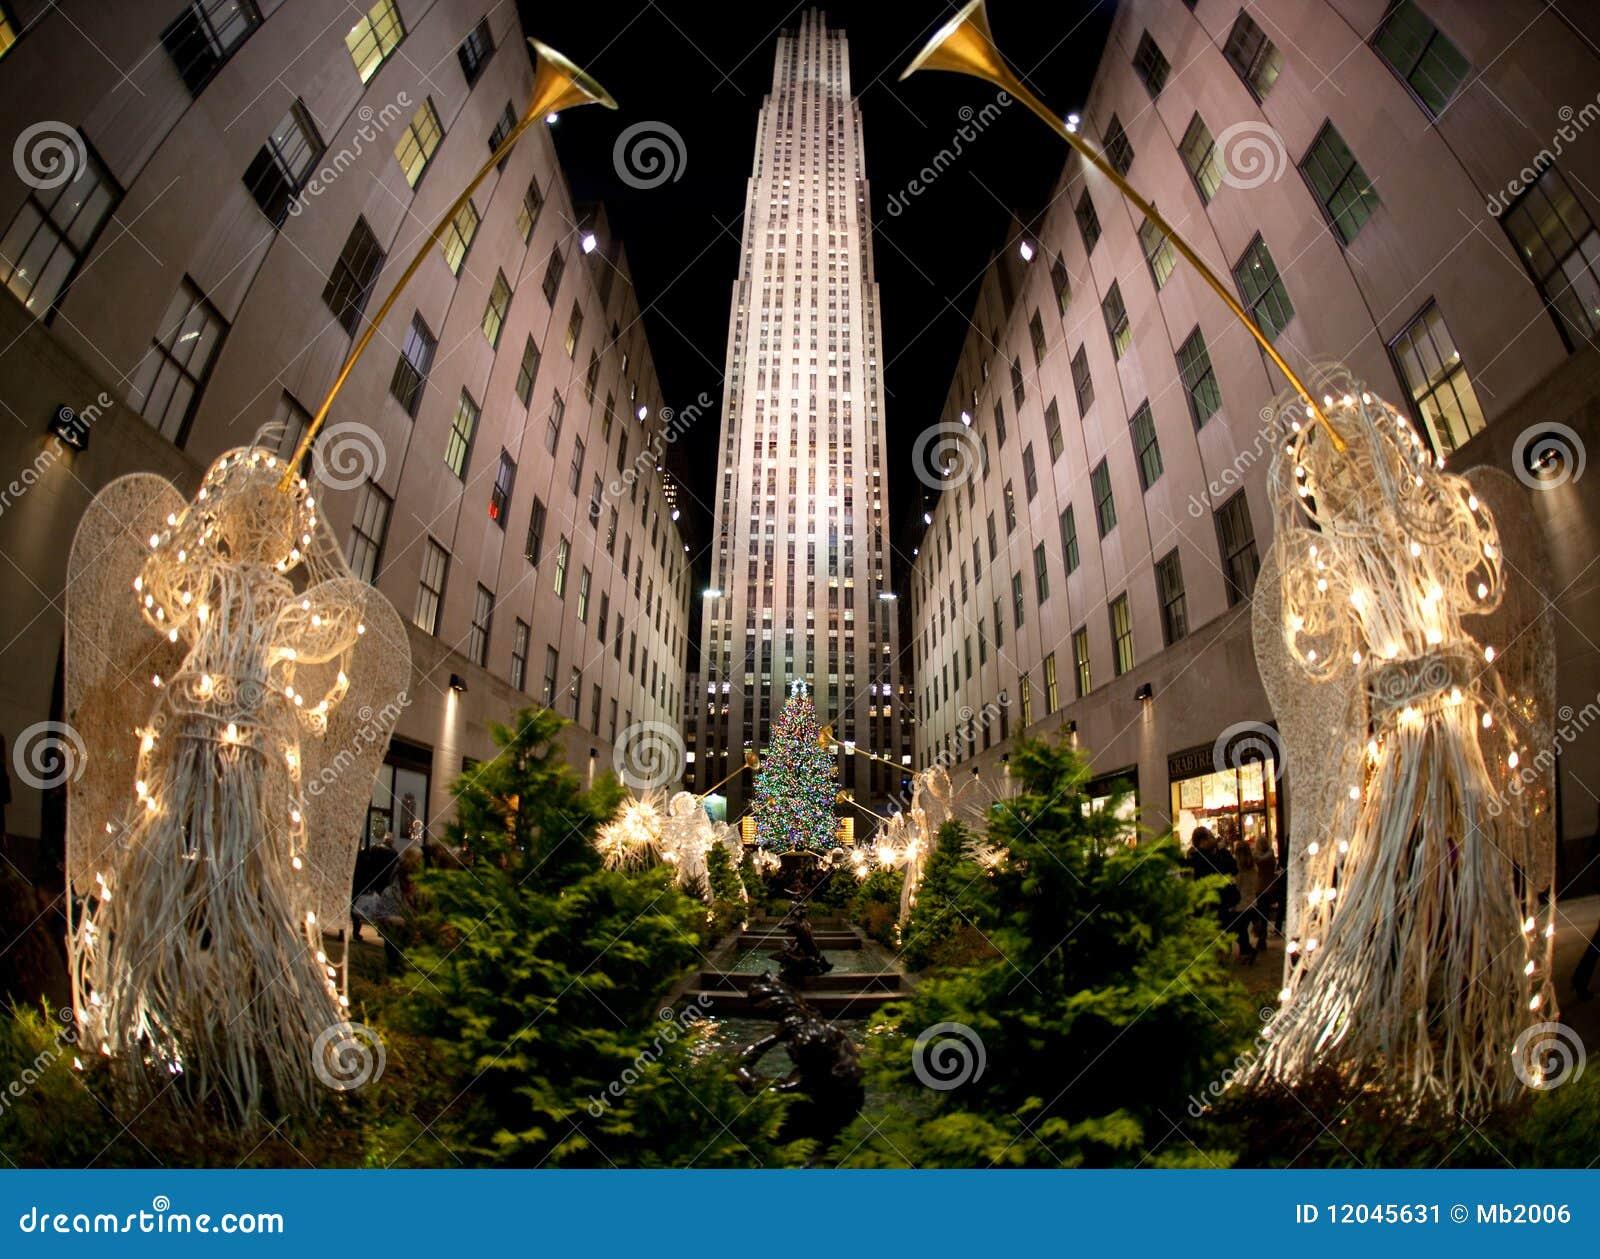 Albero Di Natale New York.Albero Di Natale New York Fotografia Editoriale Immagine Di Centro